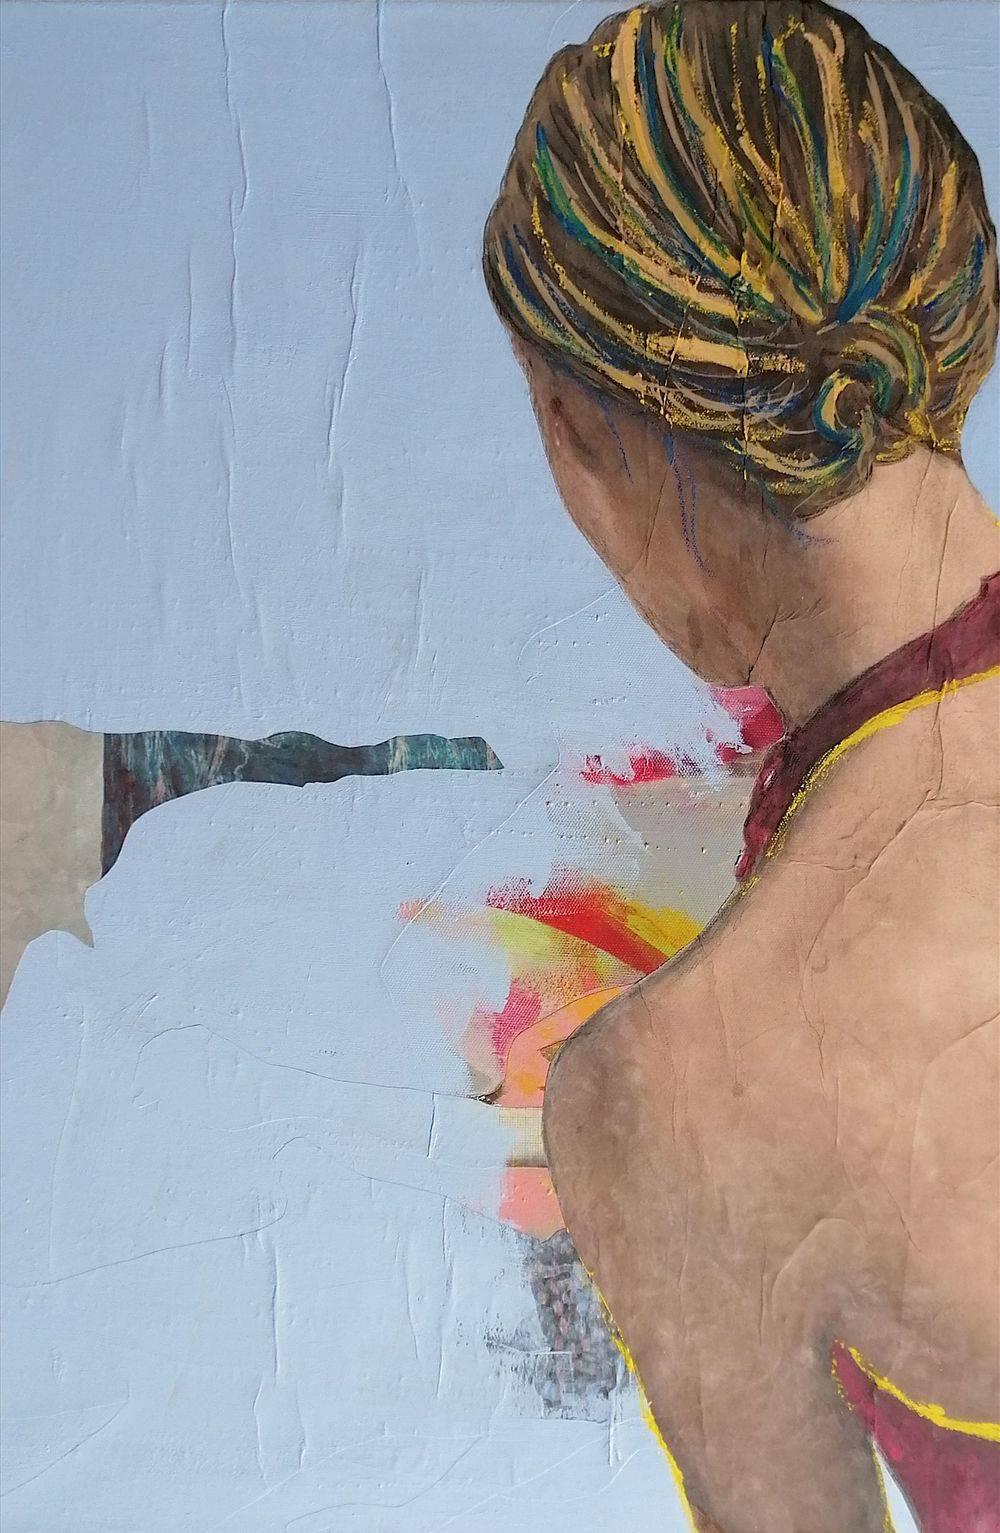 Aquarelle, Acrylique, Bleu, Histoire de l'art, Portrait, Femme, Mer